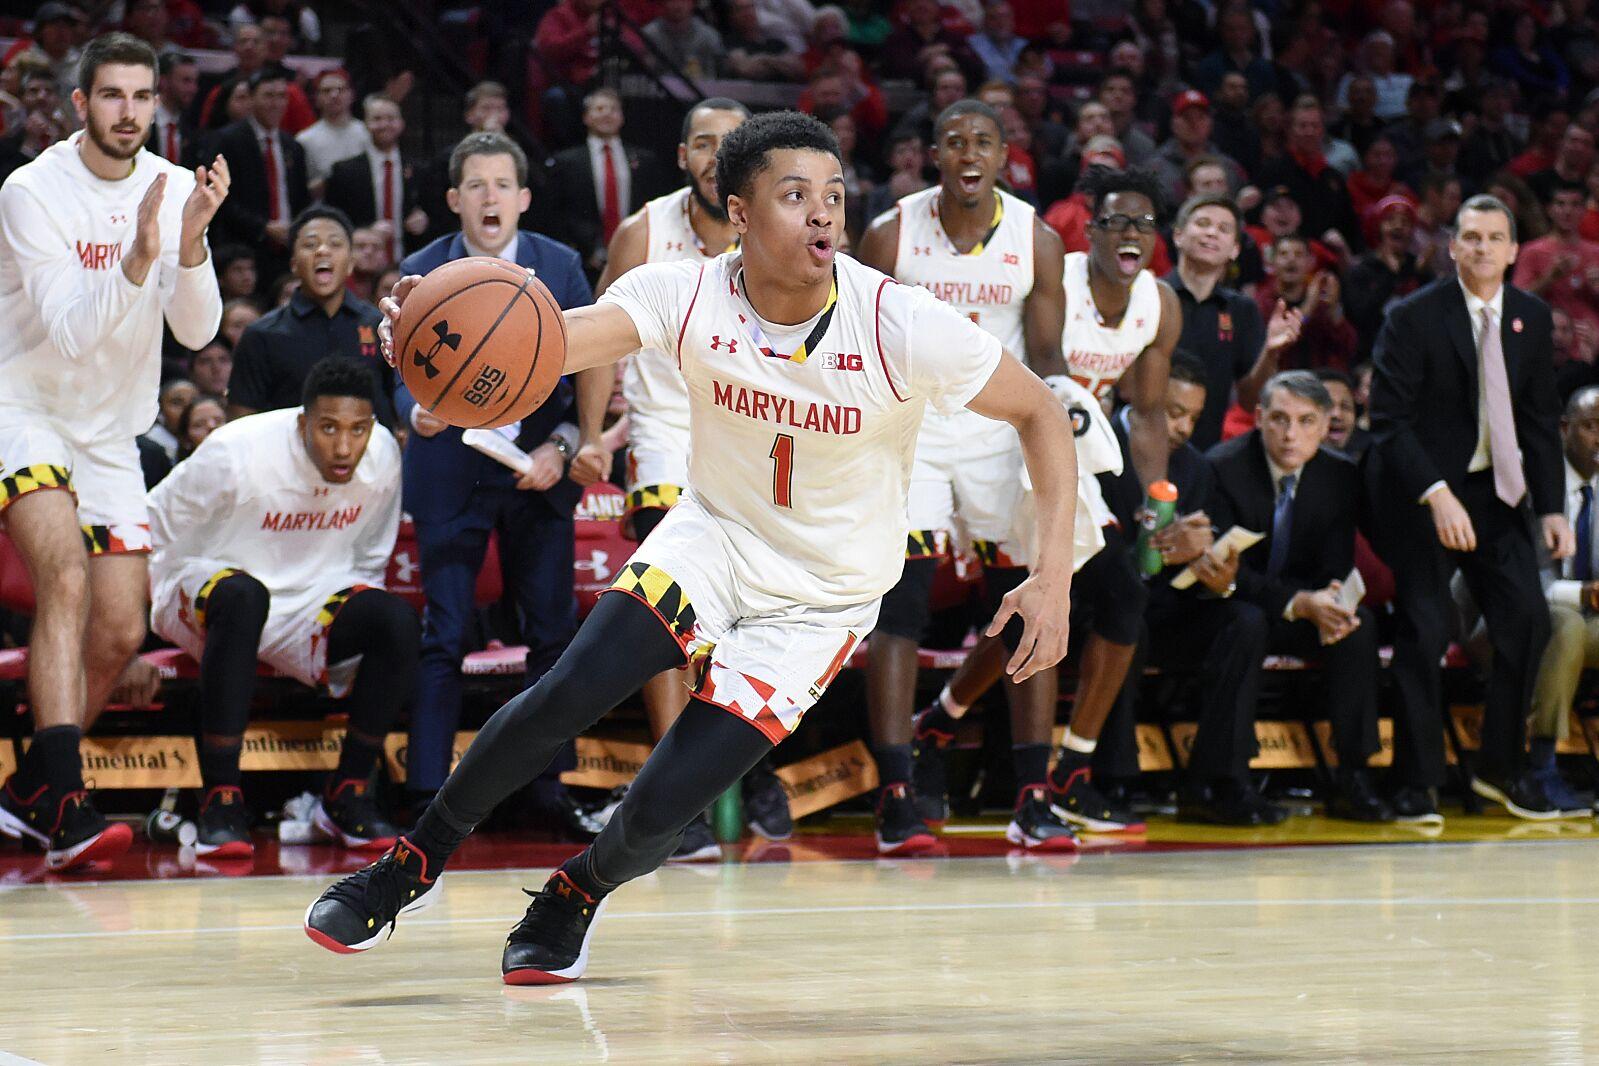 College Basketball Rankings Week 12 Ap Top 25 Predictions